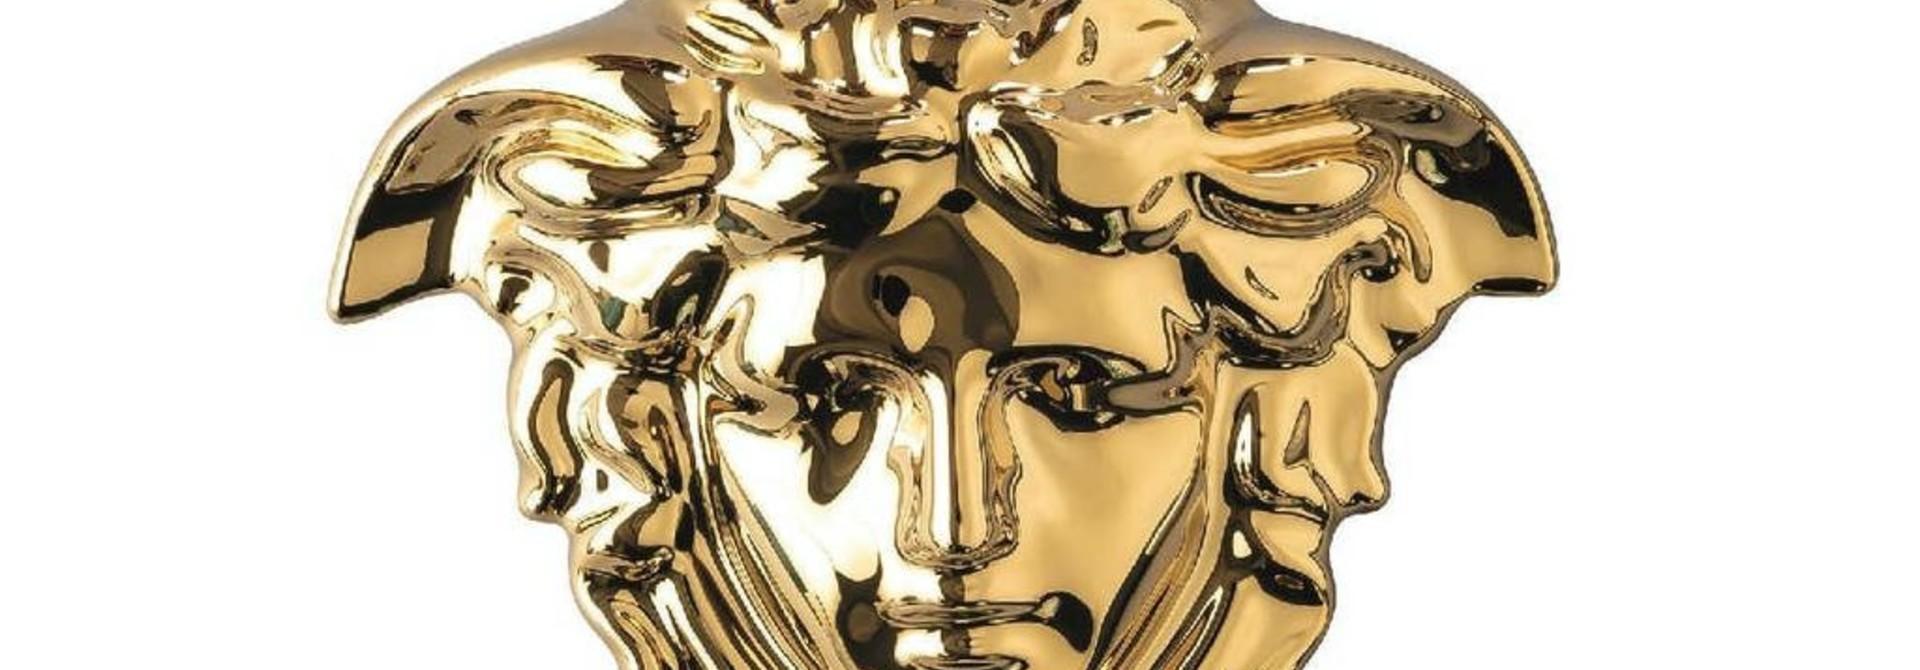 ROSENTHAL - VERSACE Box Gypsie Gold